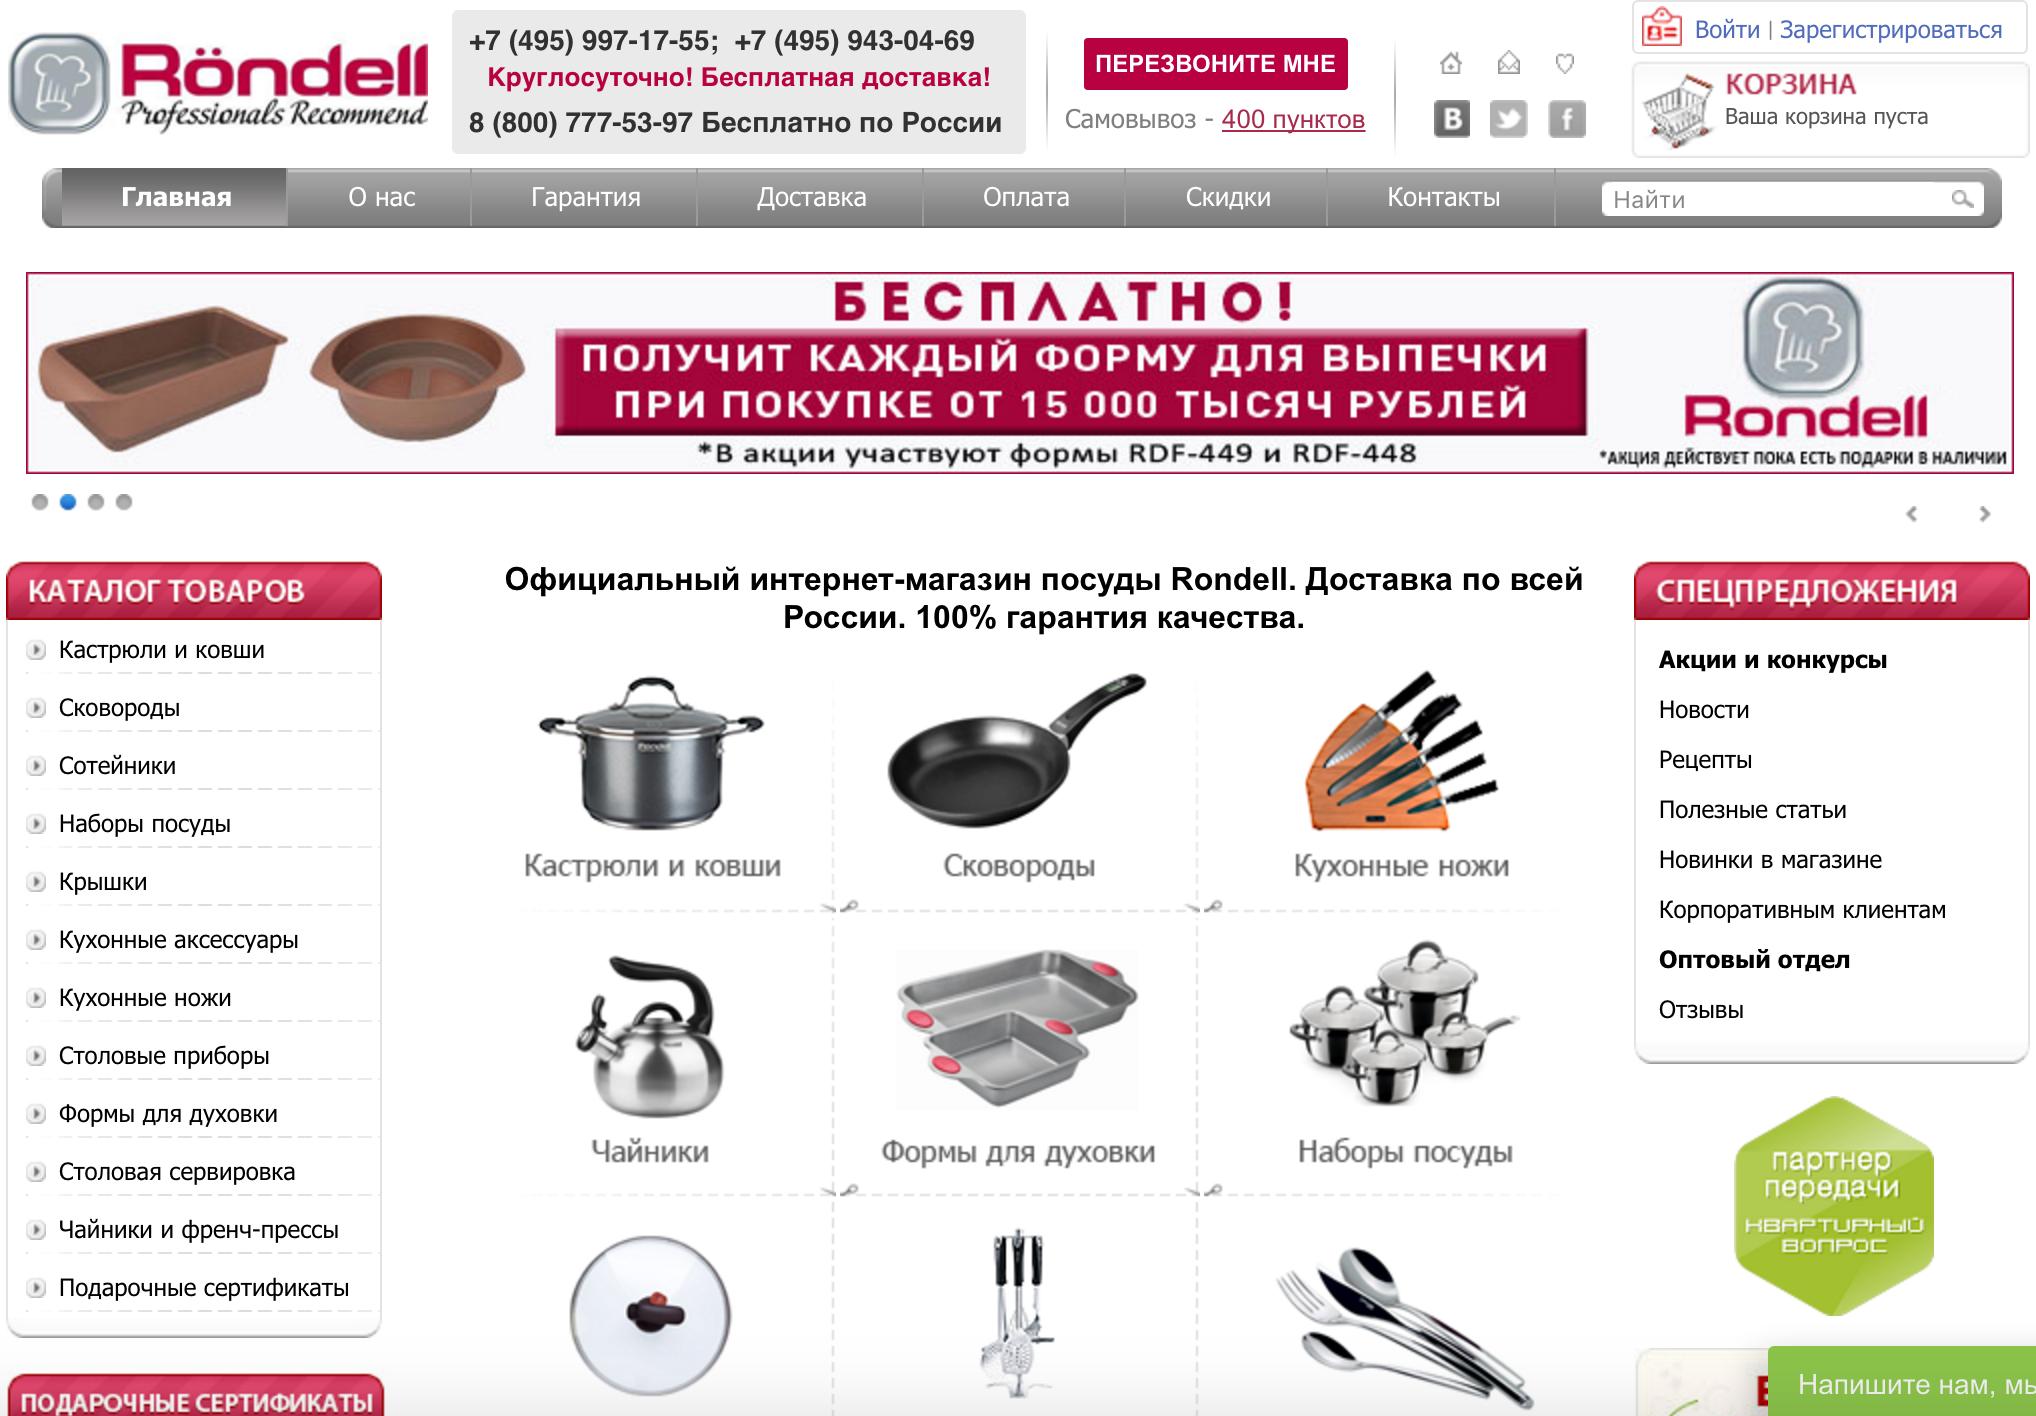 Официальный интернет-магазин посуды Rondell